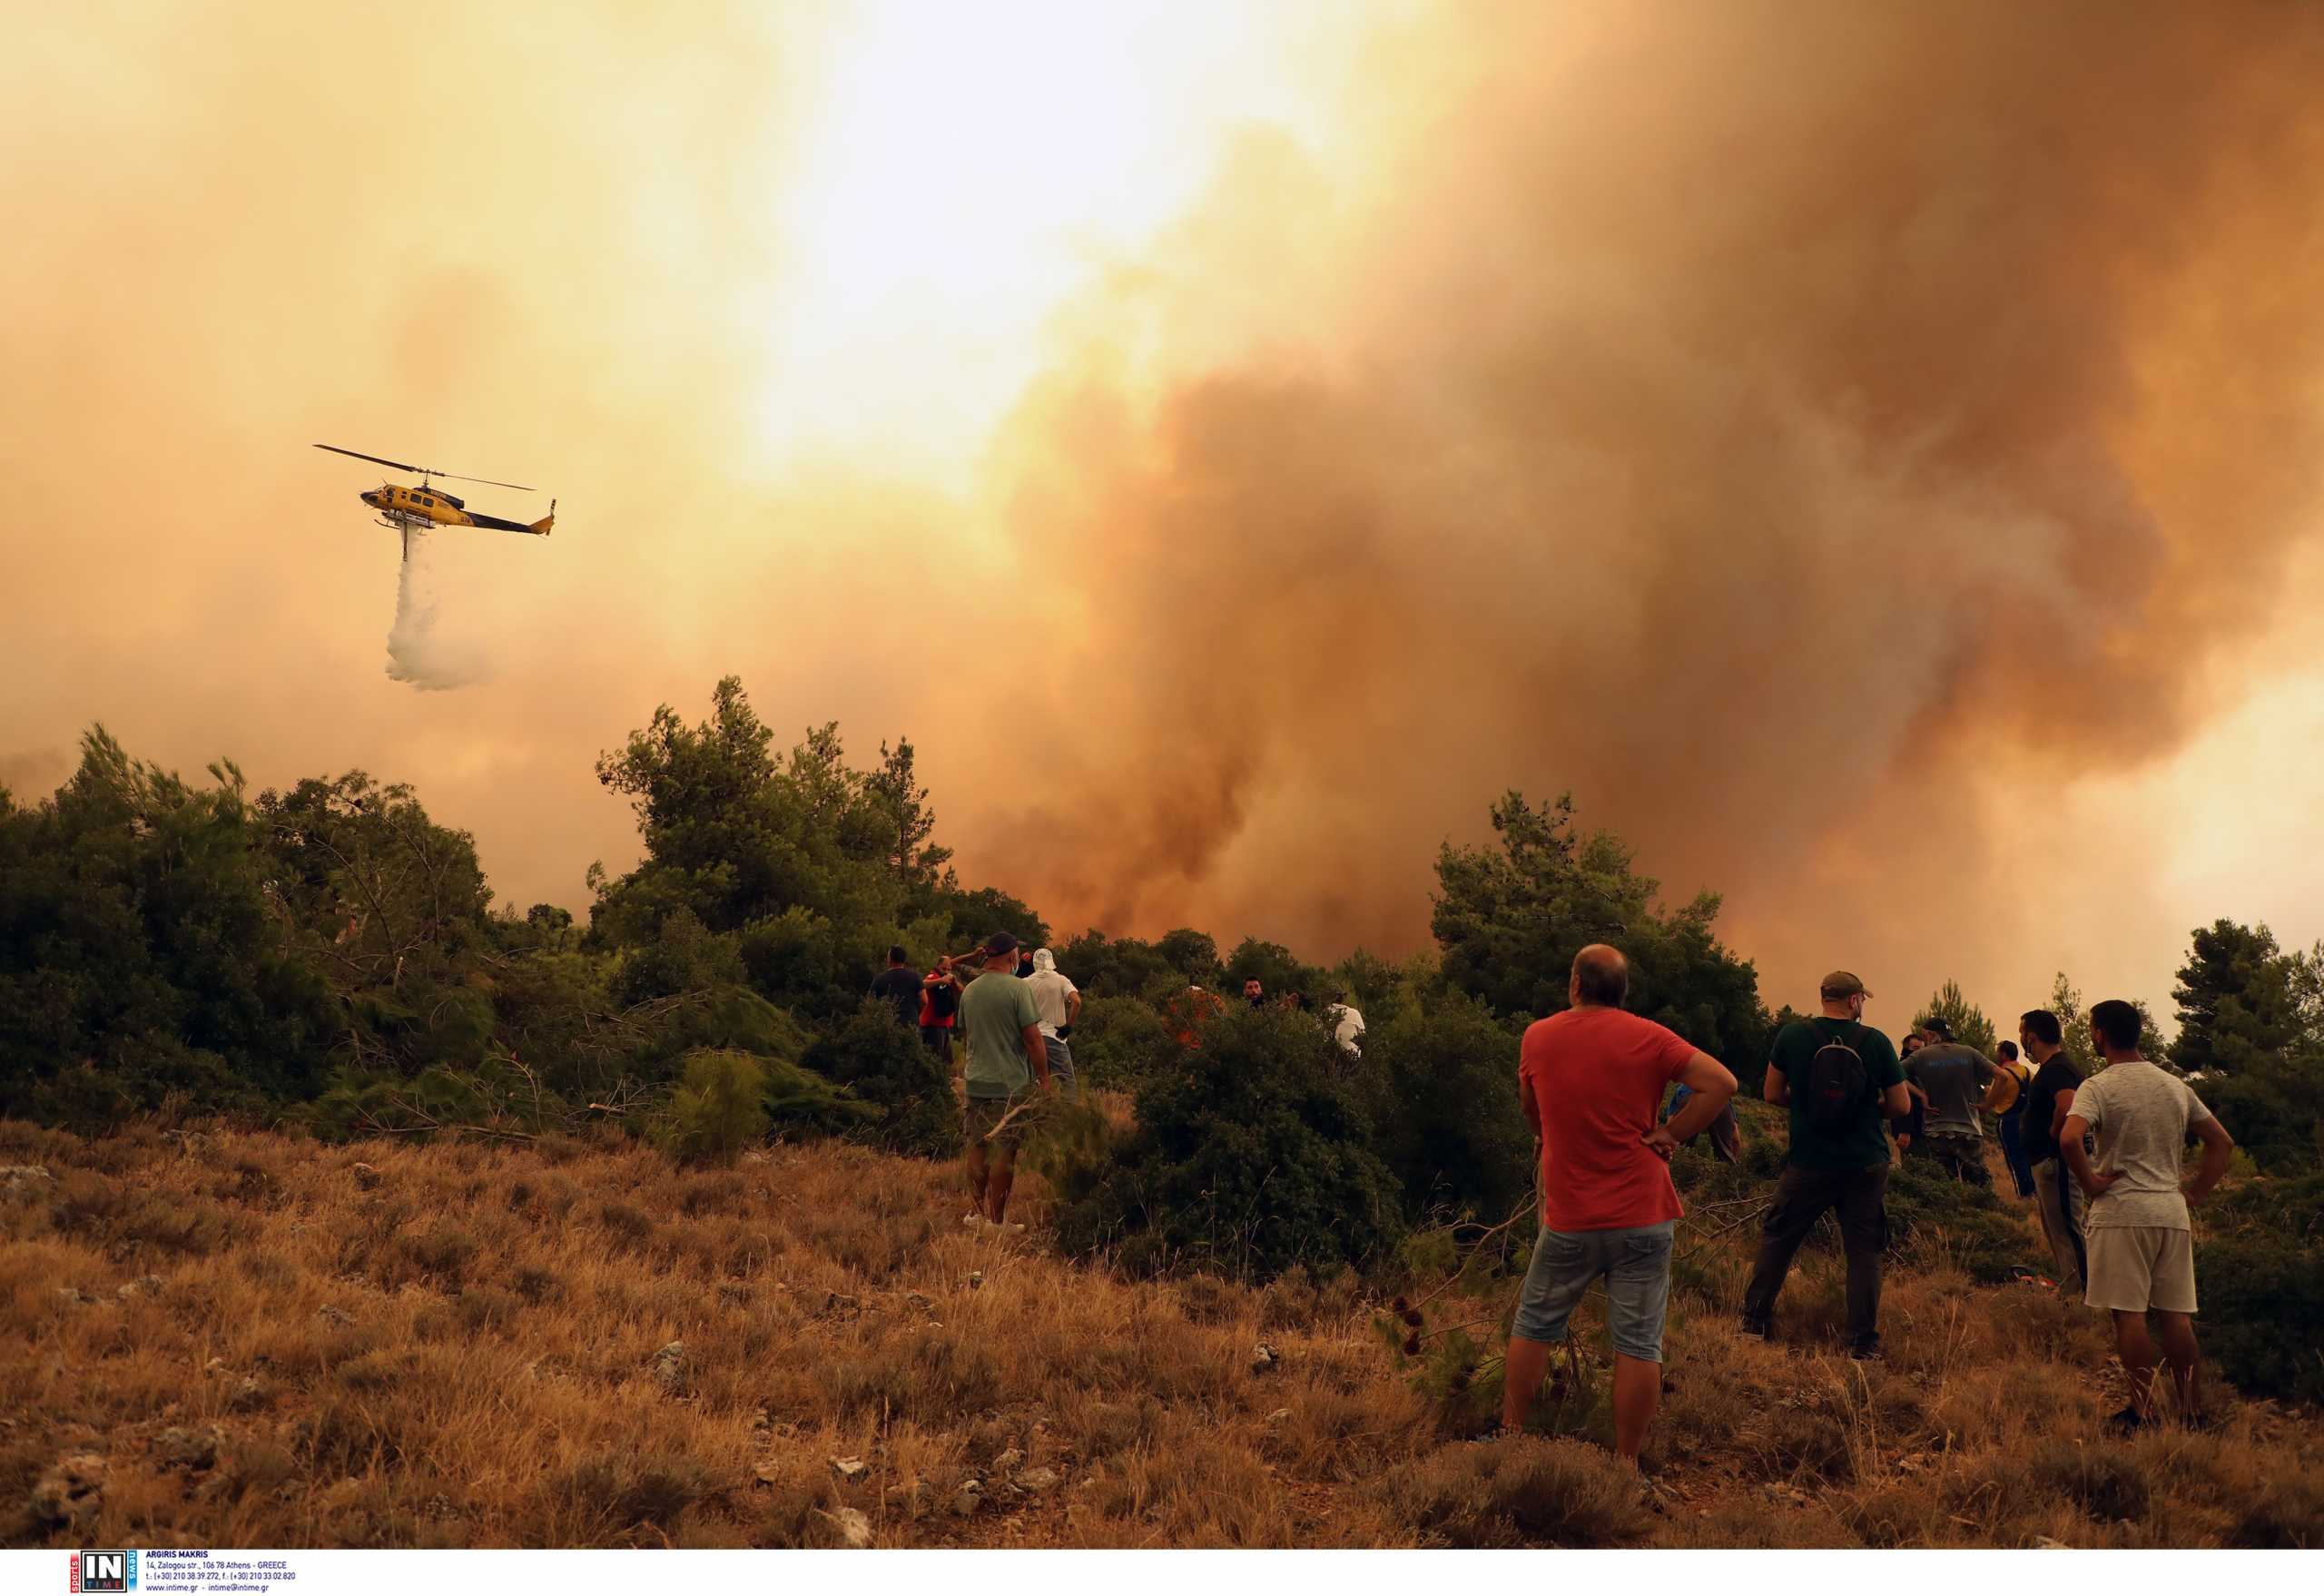 Φωτιά στα Βίλια: Κάηκαν κτίσματα εκτός οικισμού – Λεωφορεία σε ετοιμότητα για εκκένωση